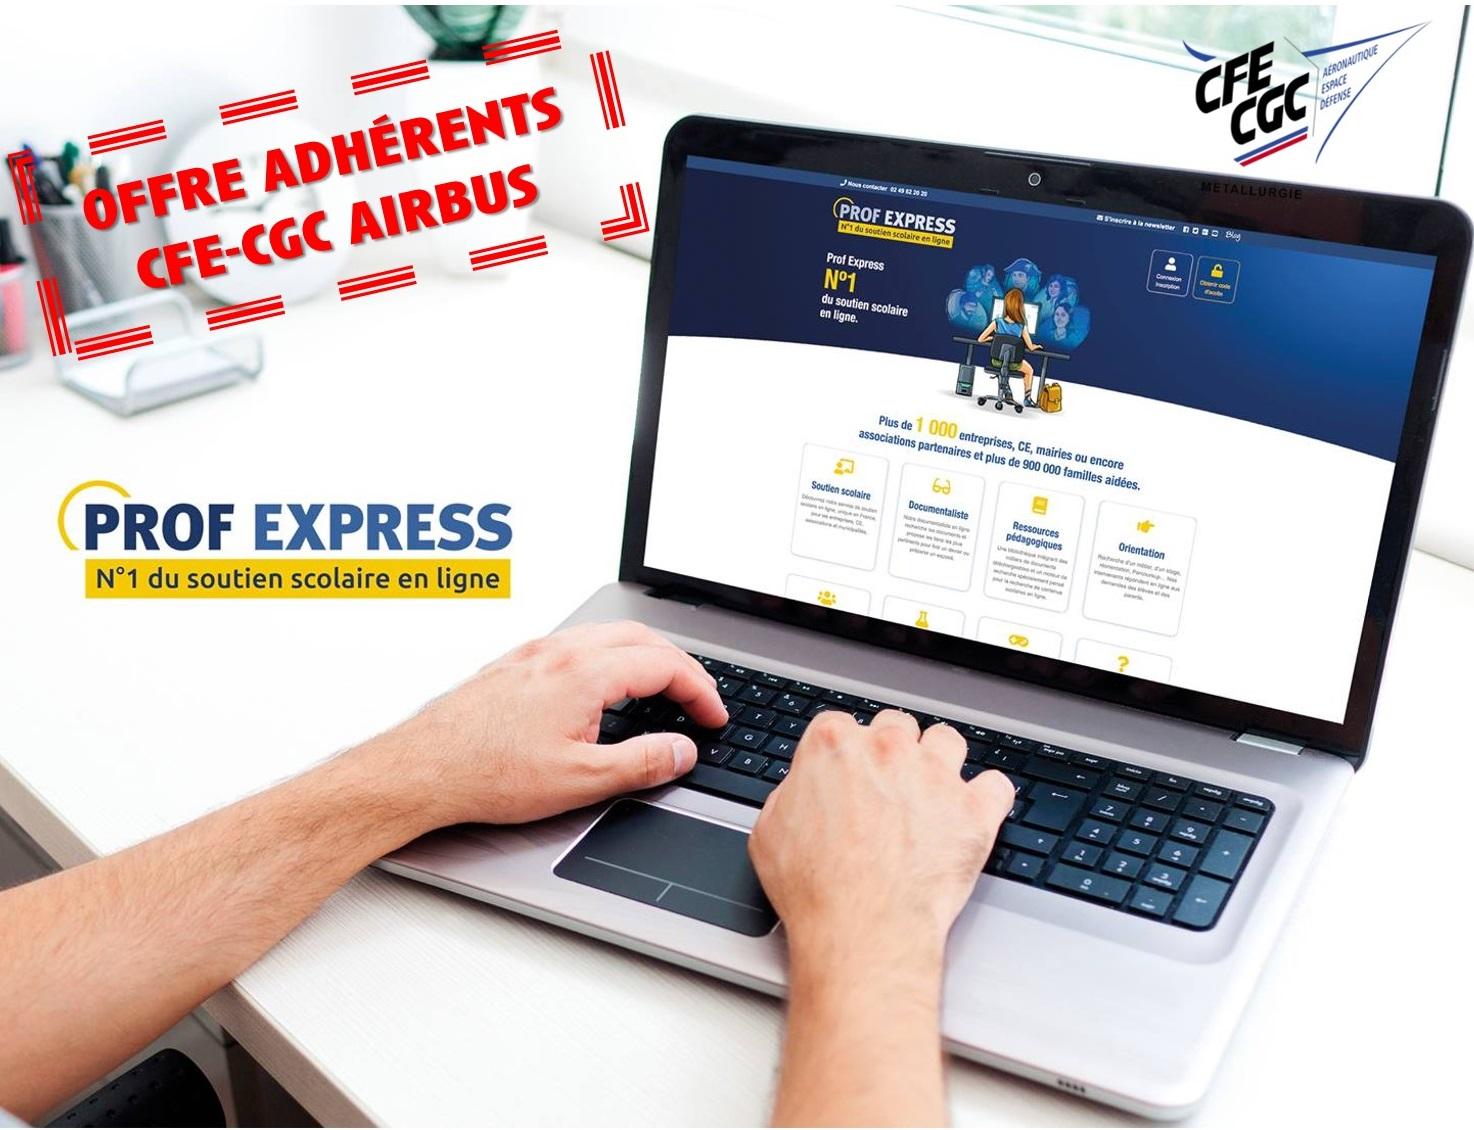 Prof Express : Service Gratuit aux Adhérents CFE-CGC d'Airbus